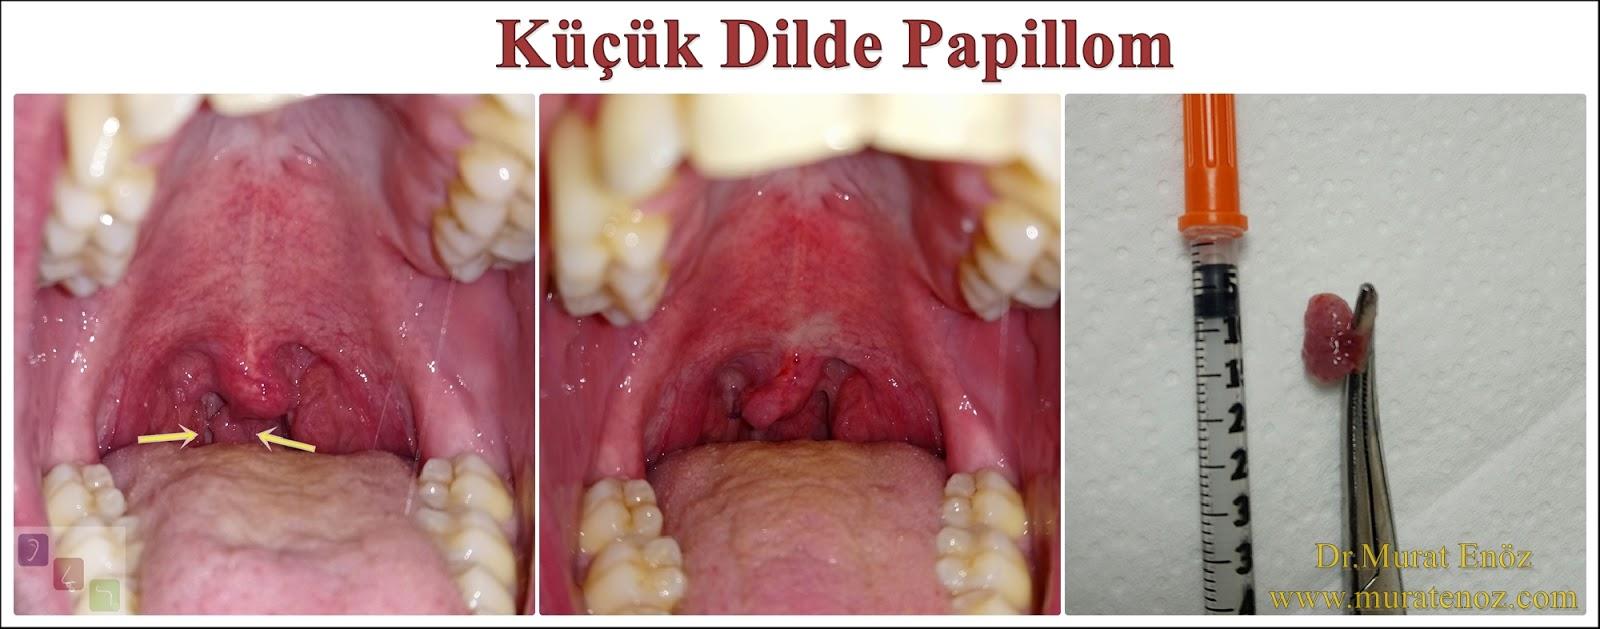 papilloma virus cause imagenes de oxiuros